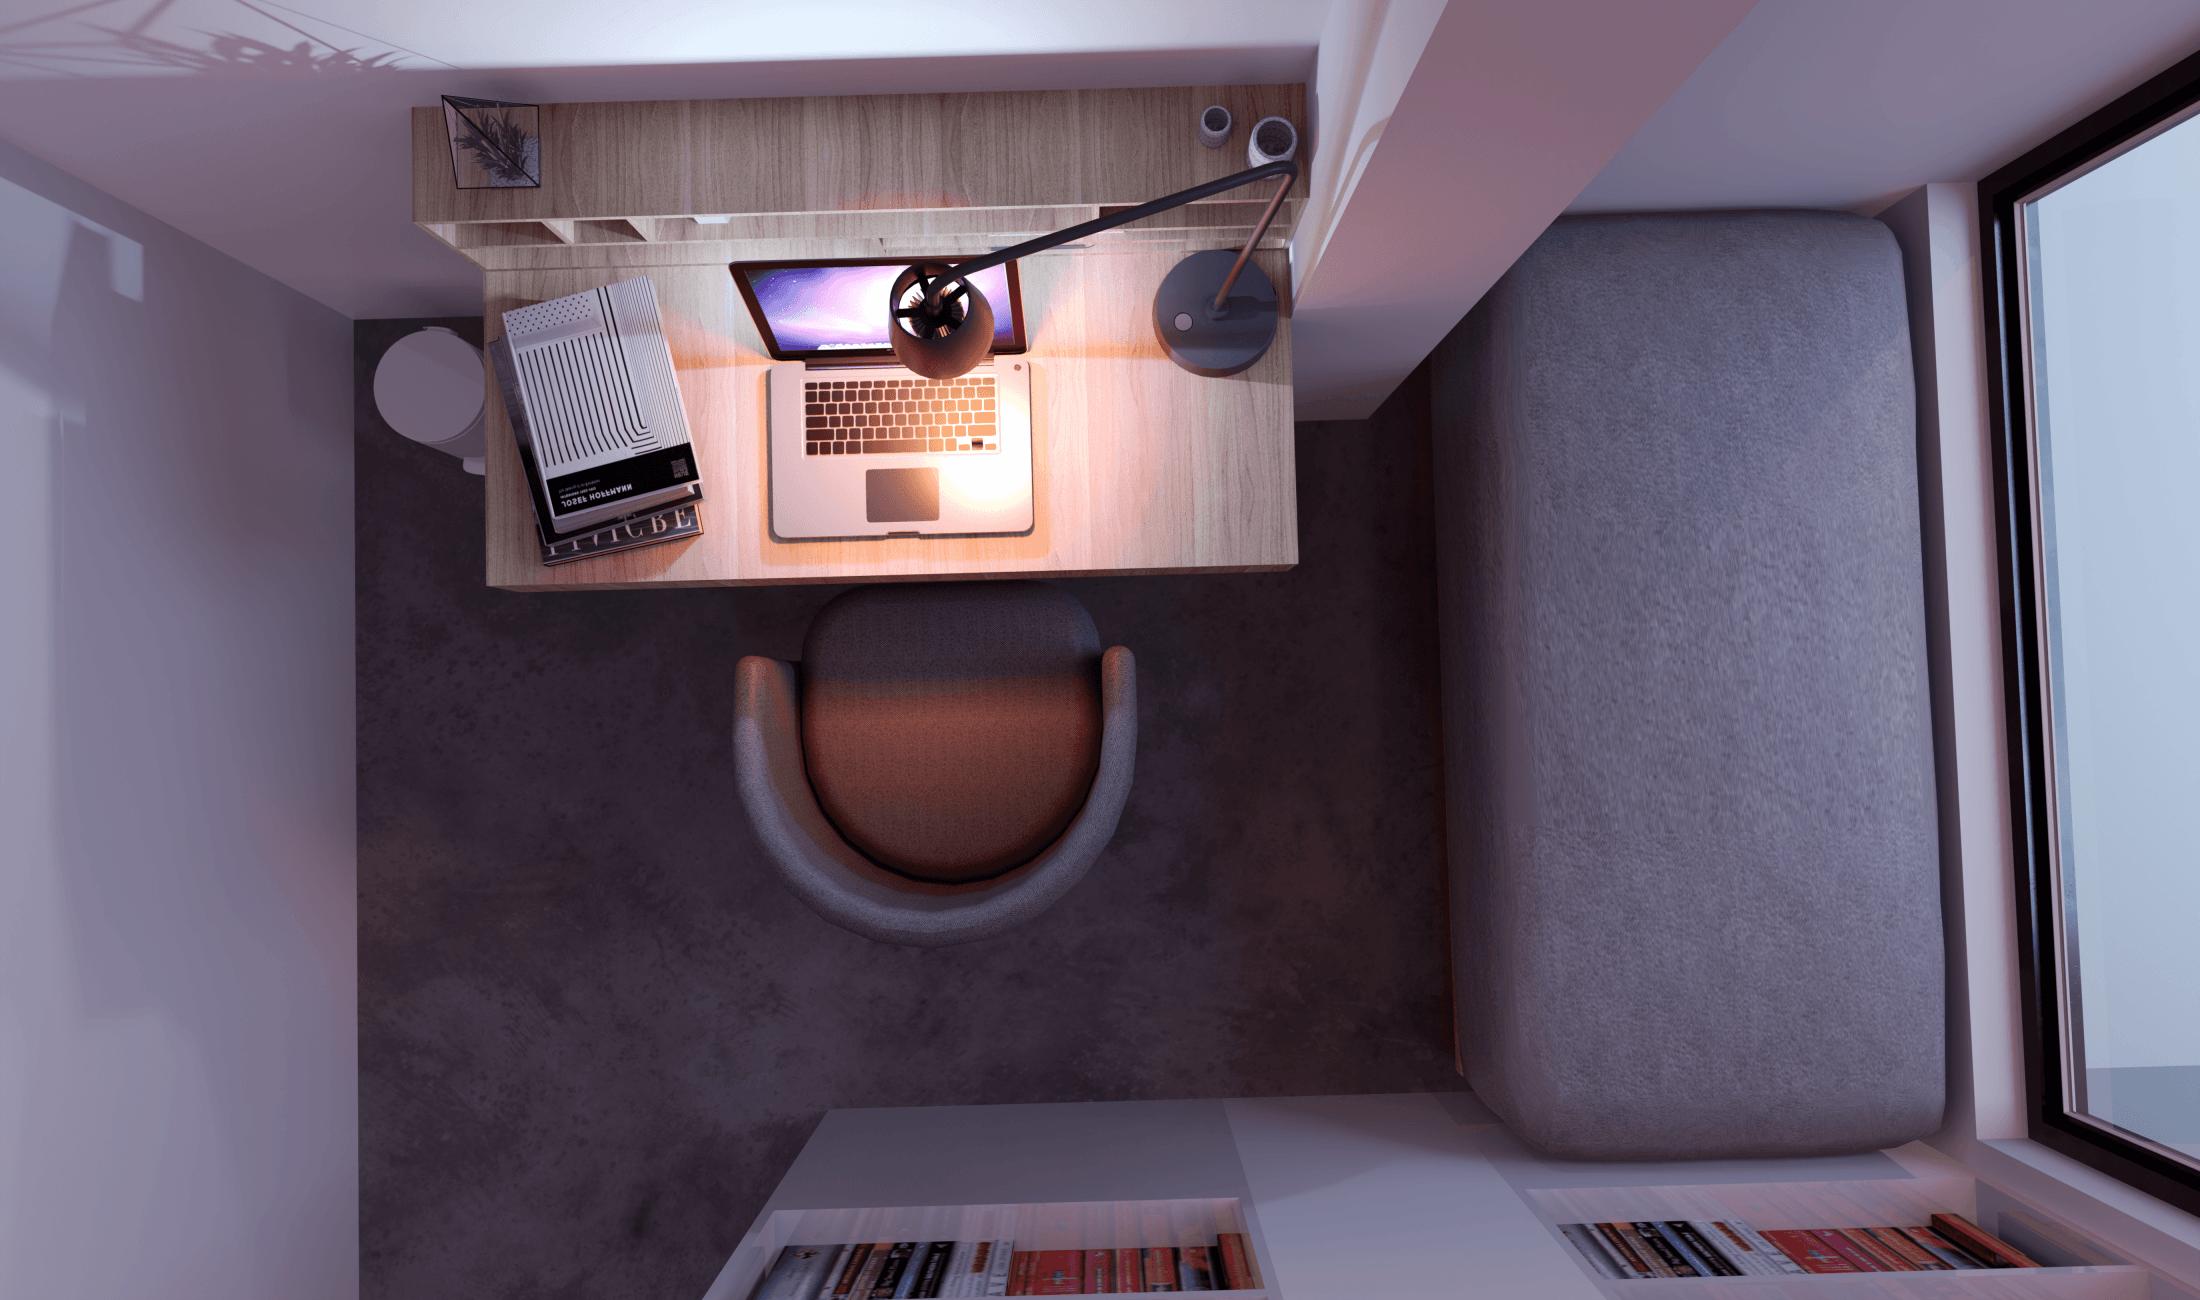 Foto inspirasi ide desain perpustakaan industrial Fahman-salim-rumah-dan-coffe-shop-tn-emon oleh Fahman Salim di Arsitag